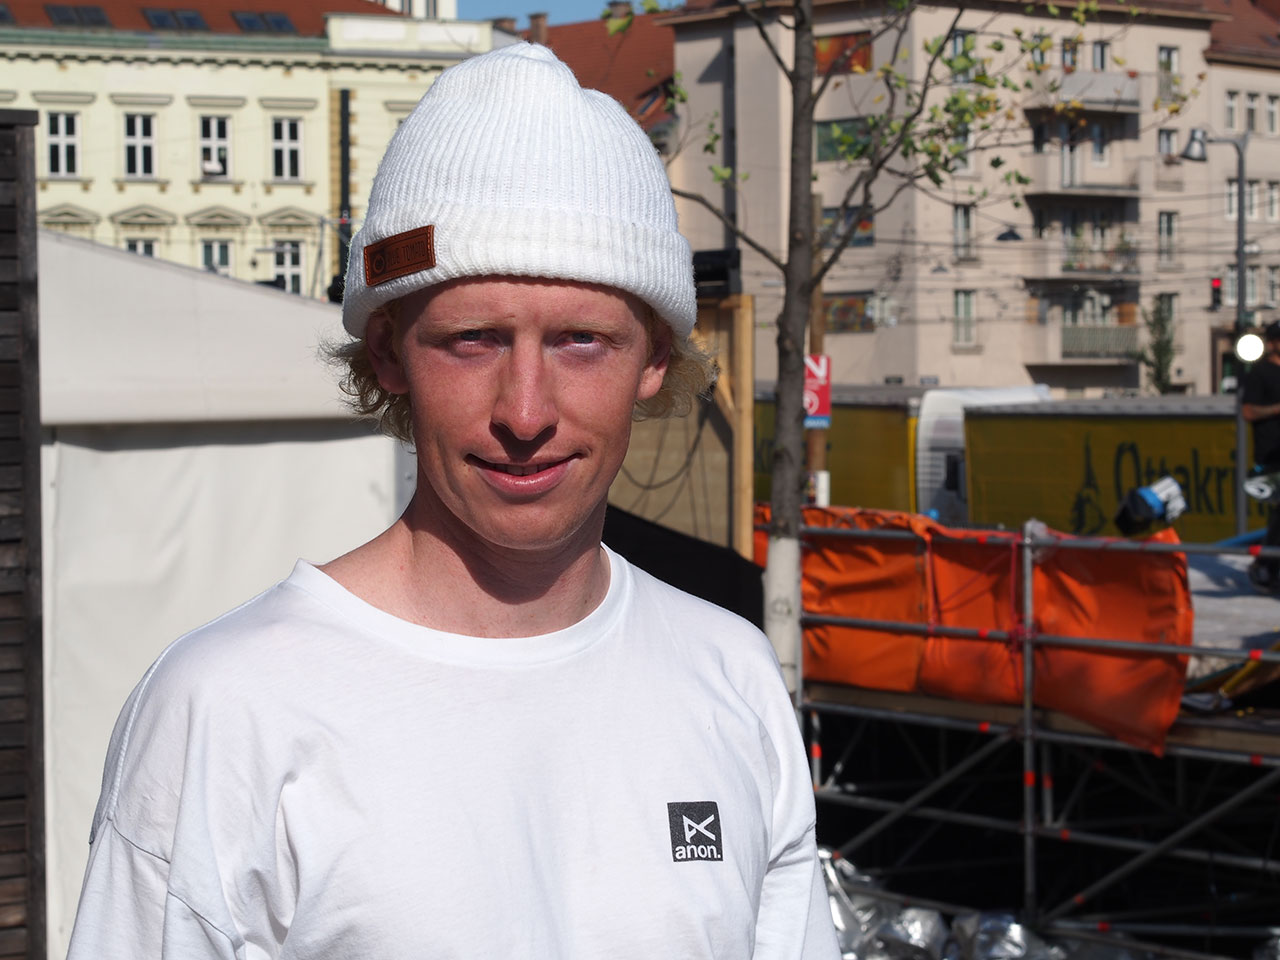 Clemens Millauer